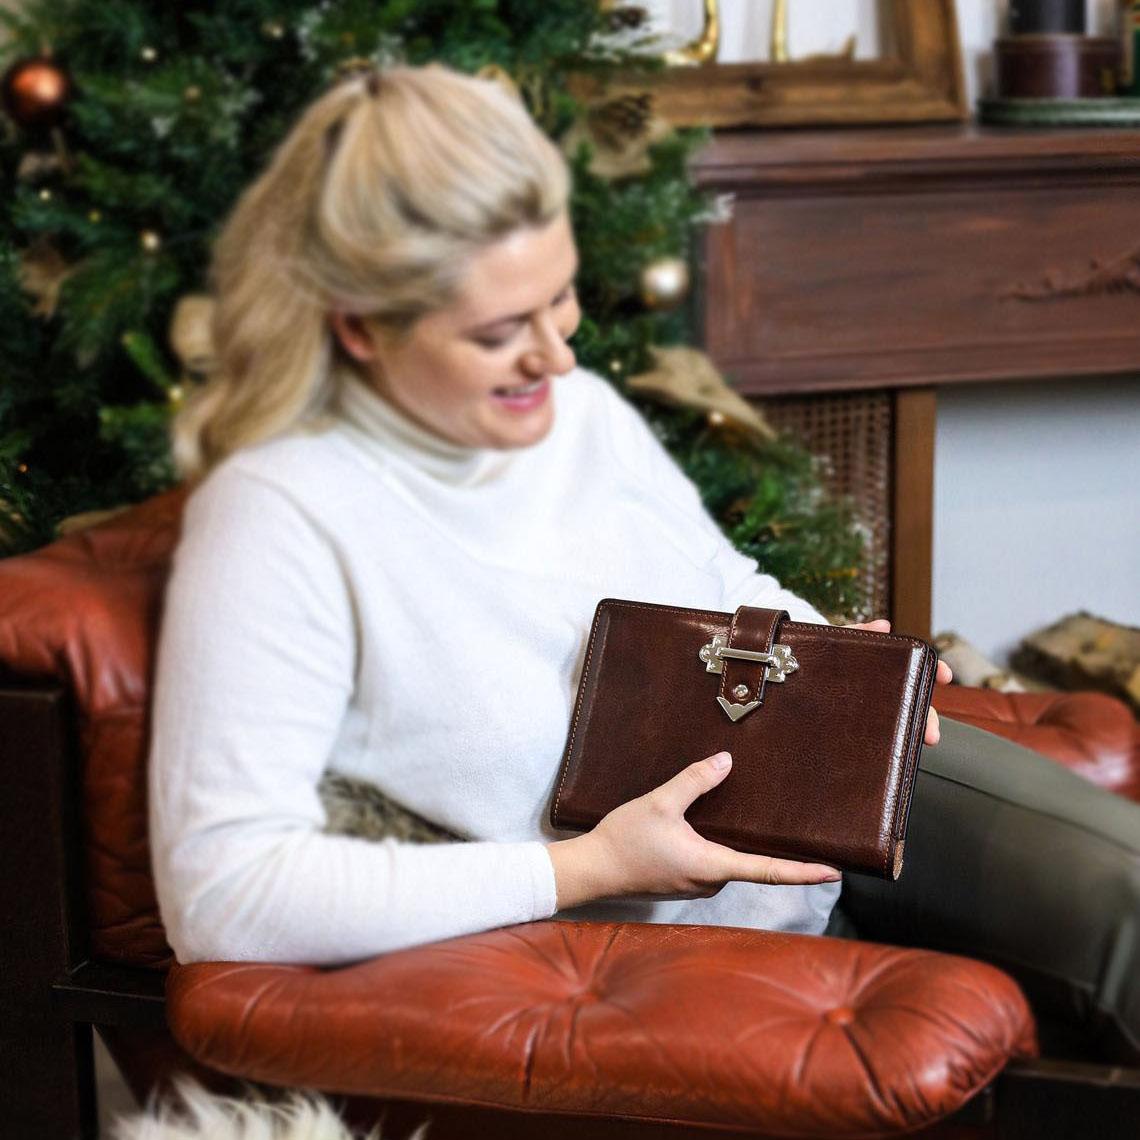 naturalios odos uzrasine dienorastis su sagtimi uzsegimu darbo knyga dovanos vyrui vyrams zmonai moterims vaikinui merginai teciui mamai  meninkui prabangios brangios kaledines valnetino verslo dovanos gimtadienio jubiliejaus  6